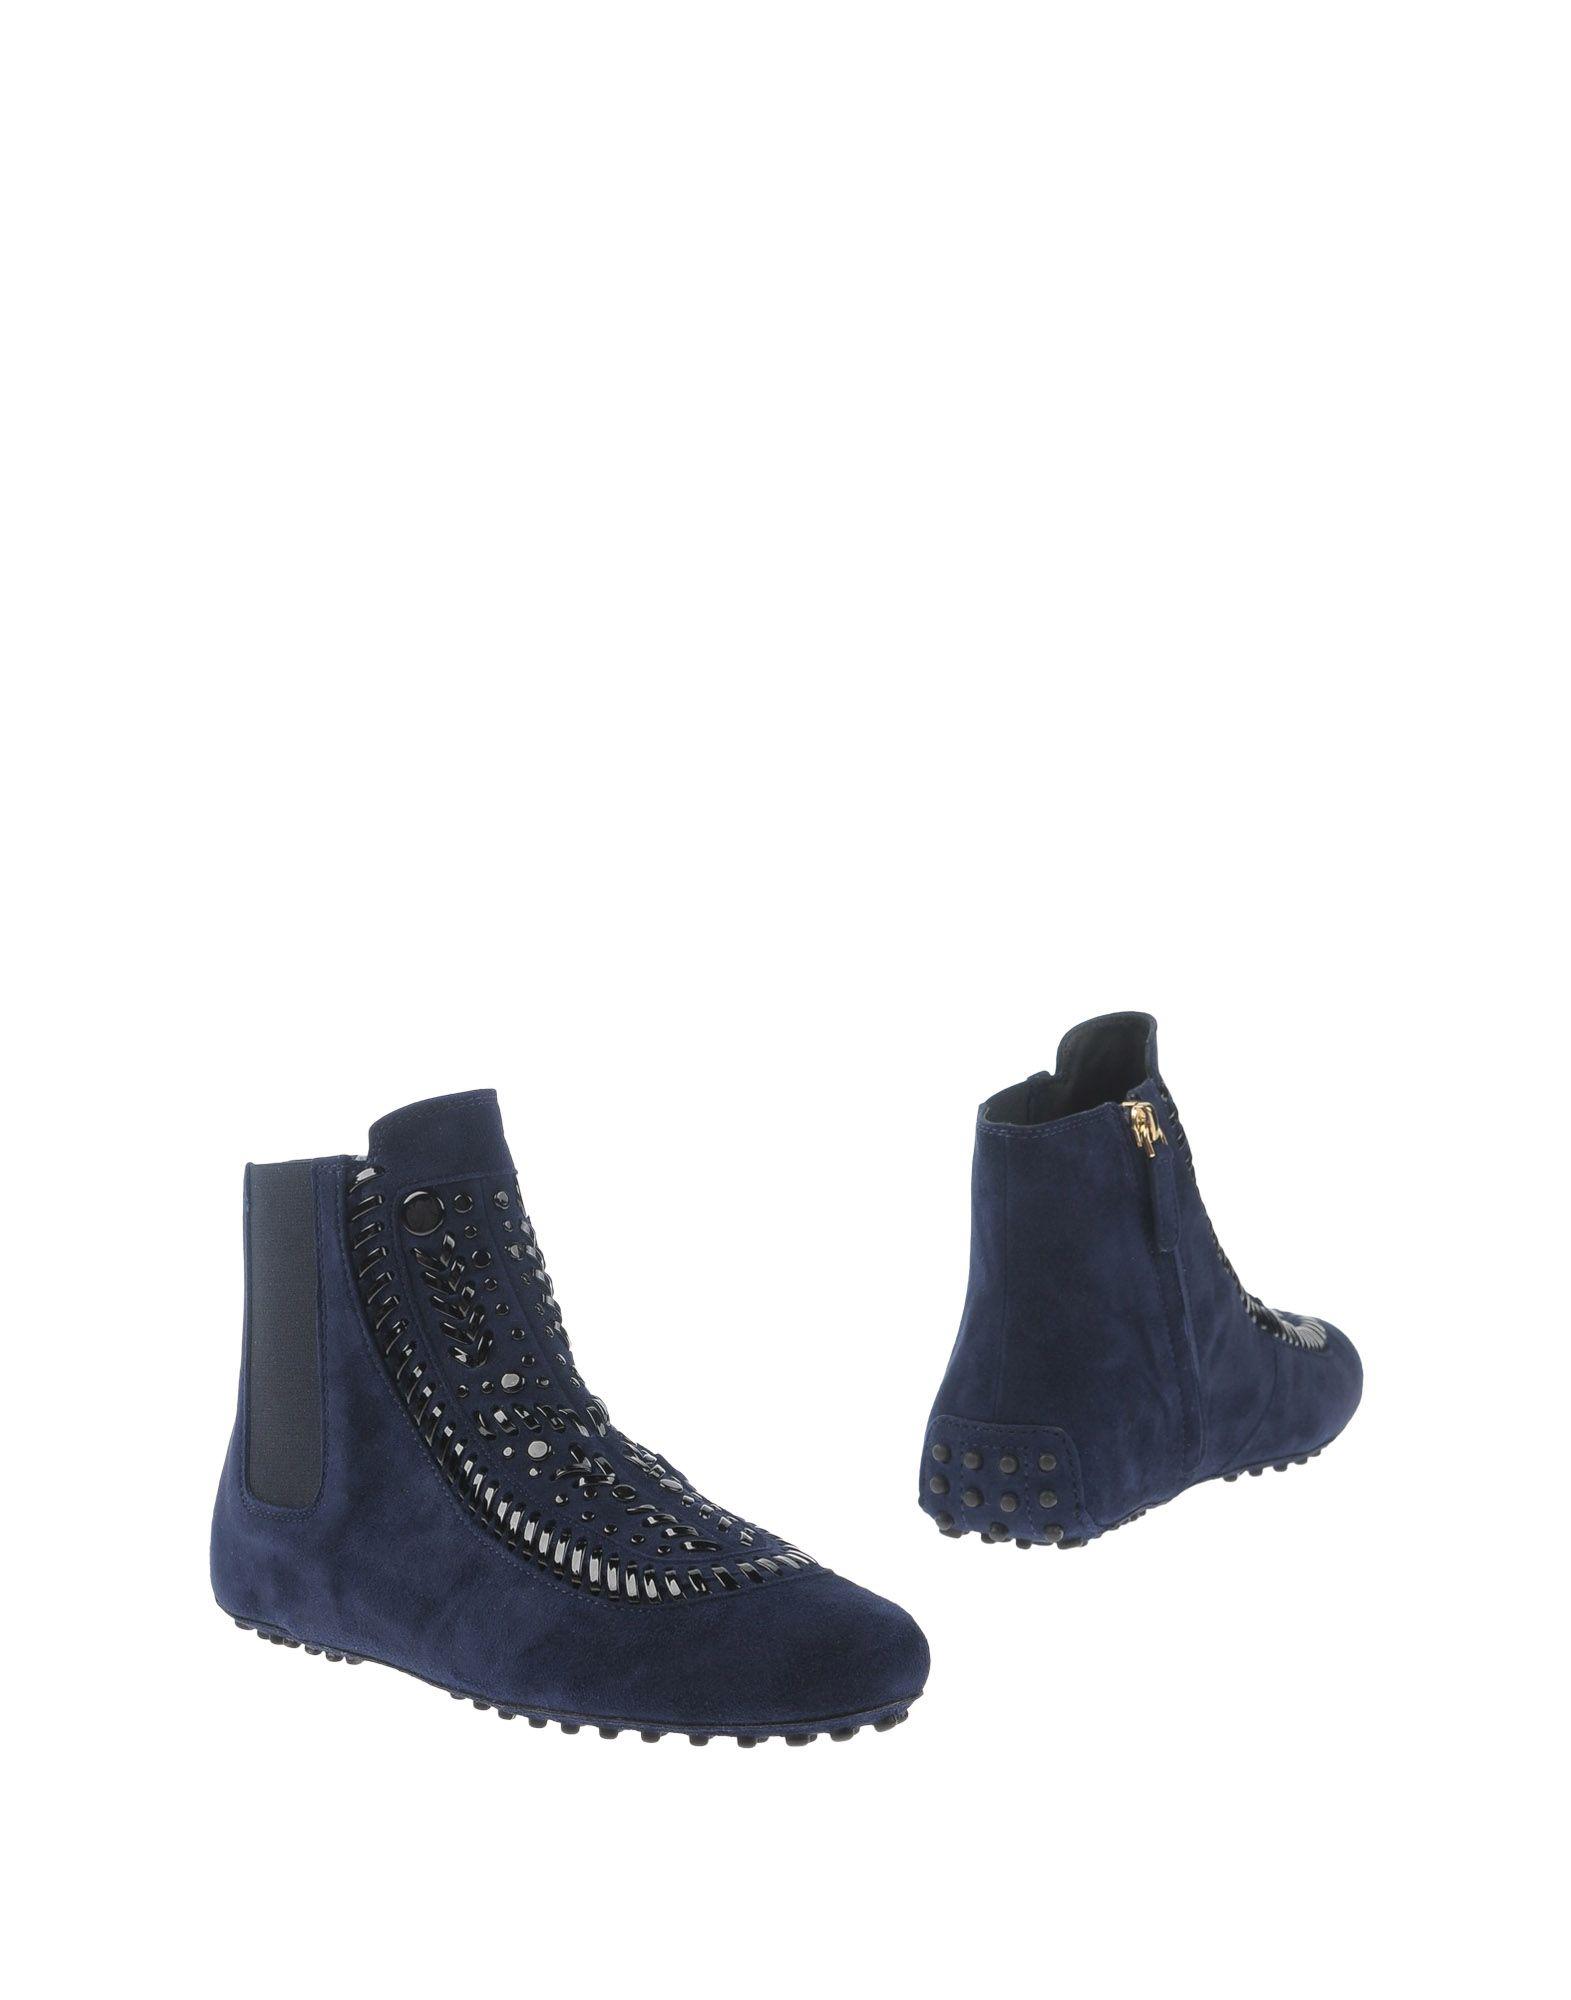 TOD'S Полусапоги и высокие ботинки купить футбольную форму челси торрес